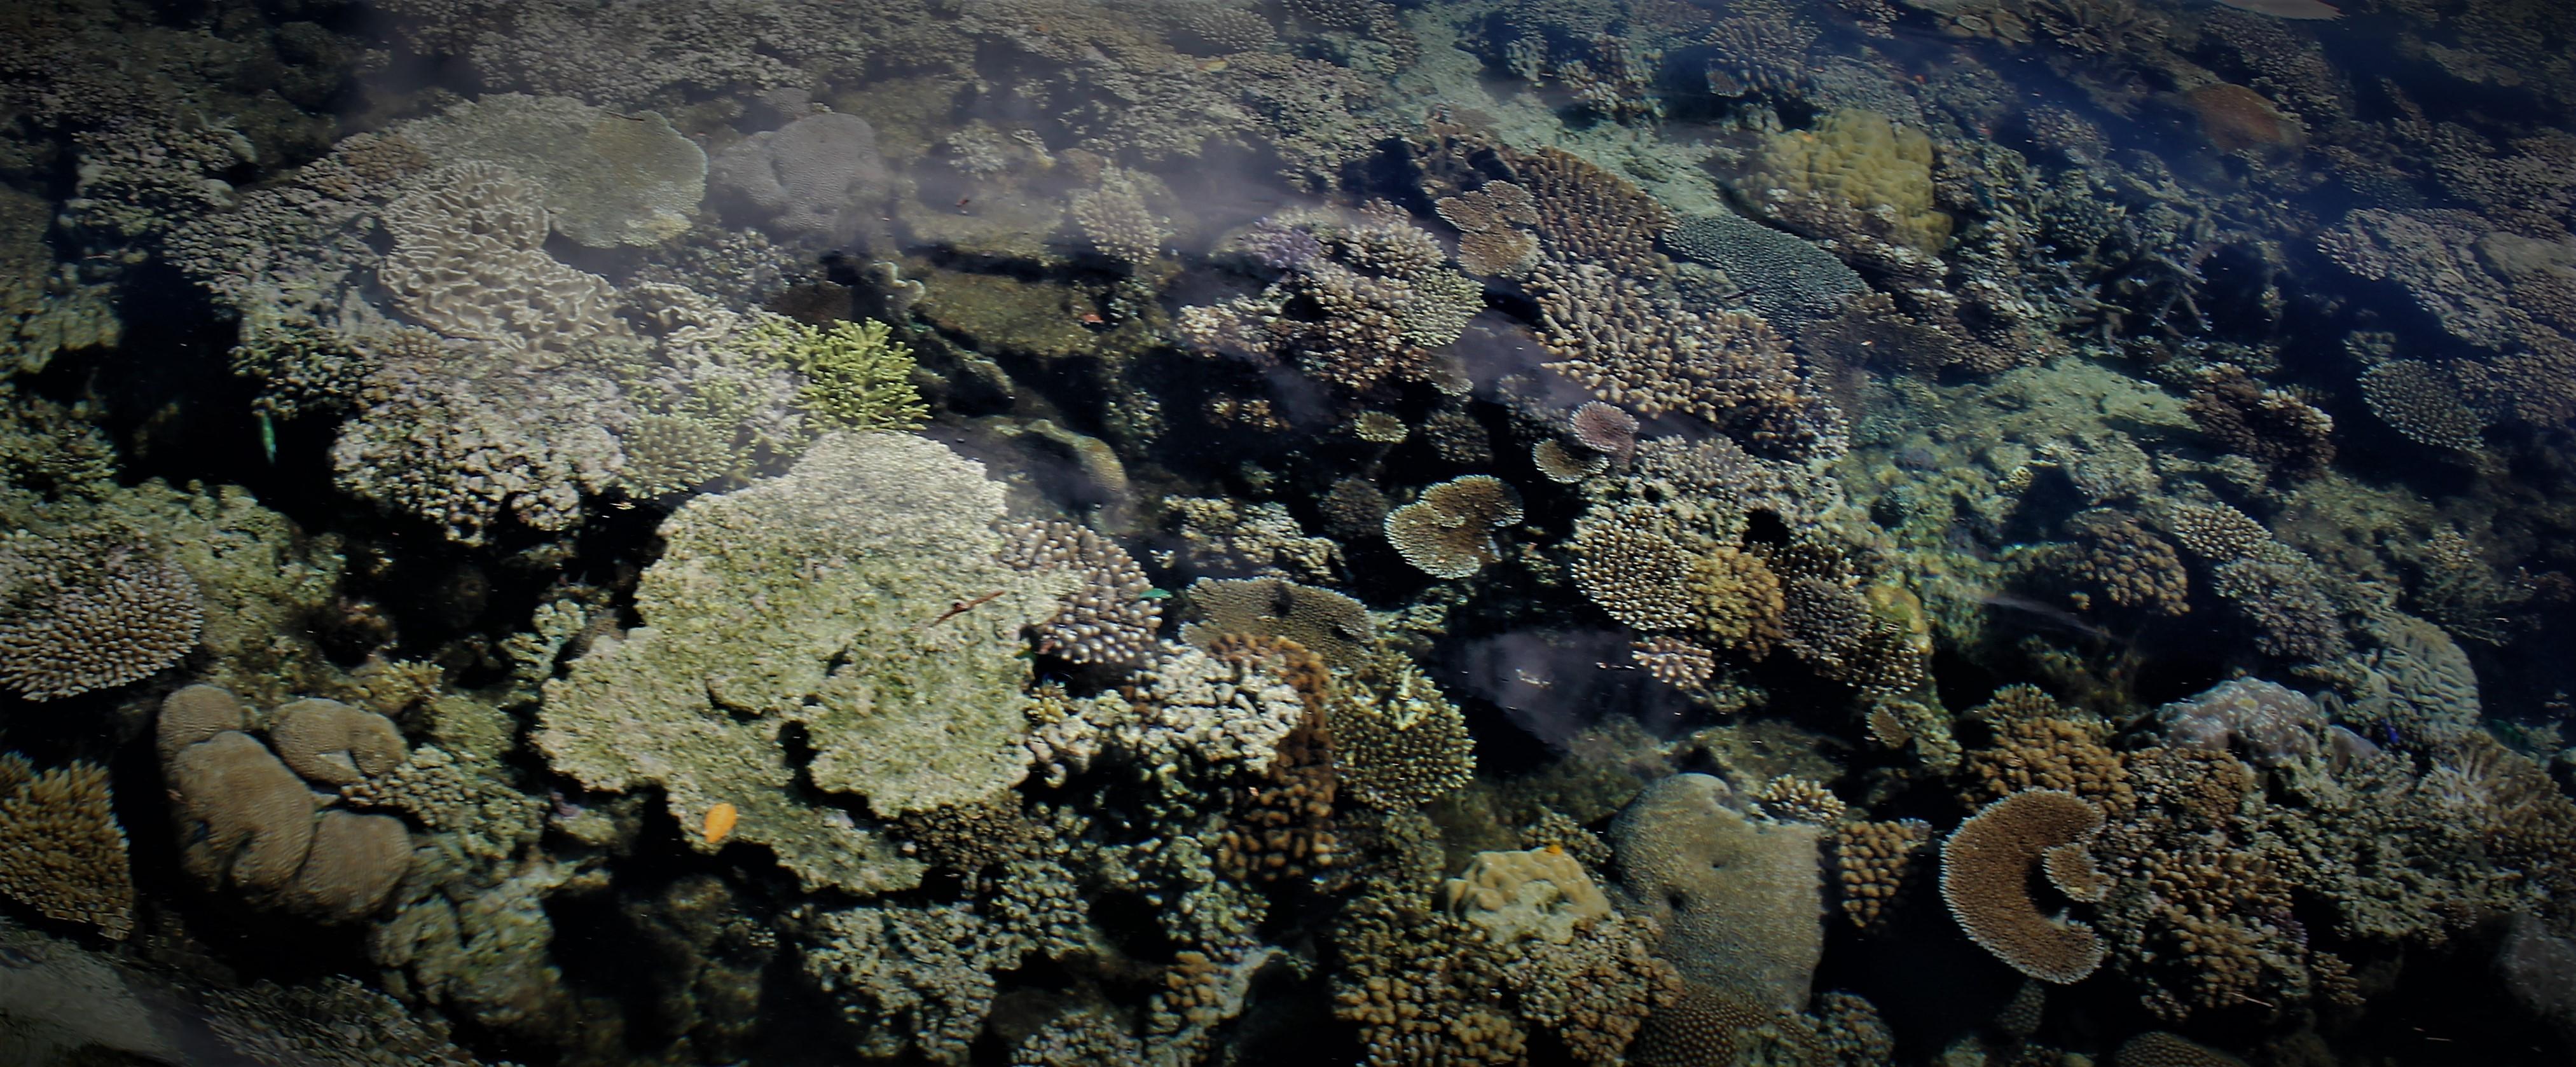 MPA coral